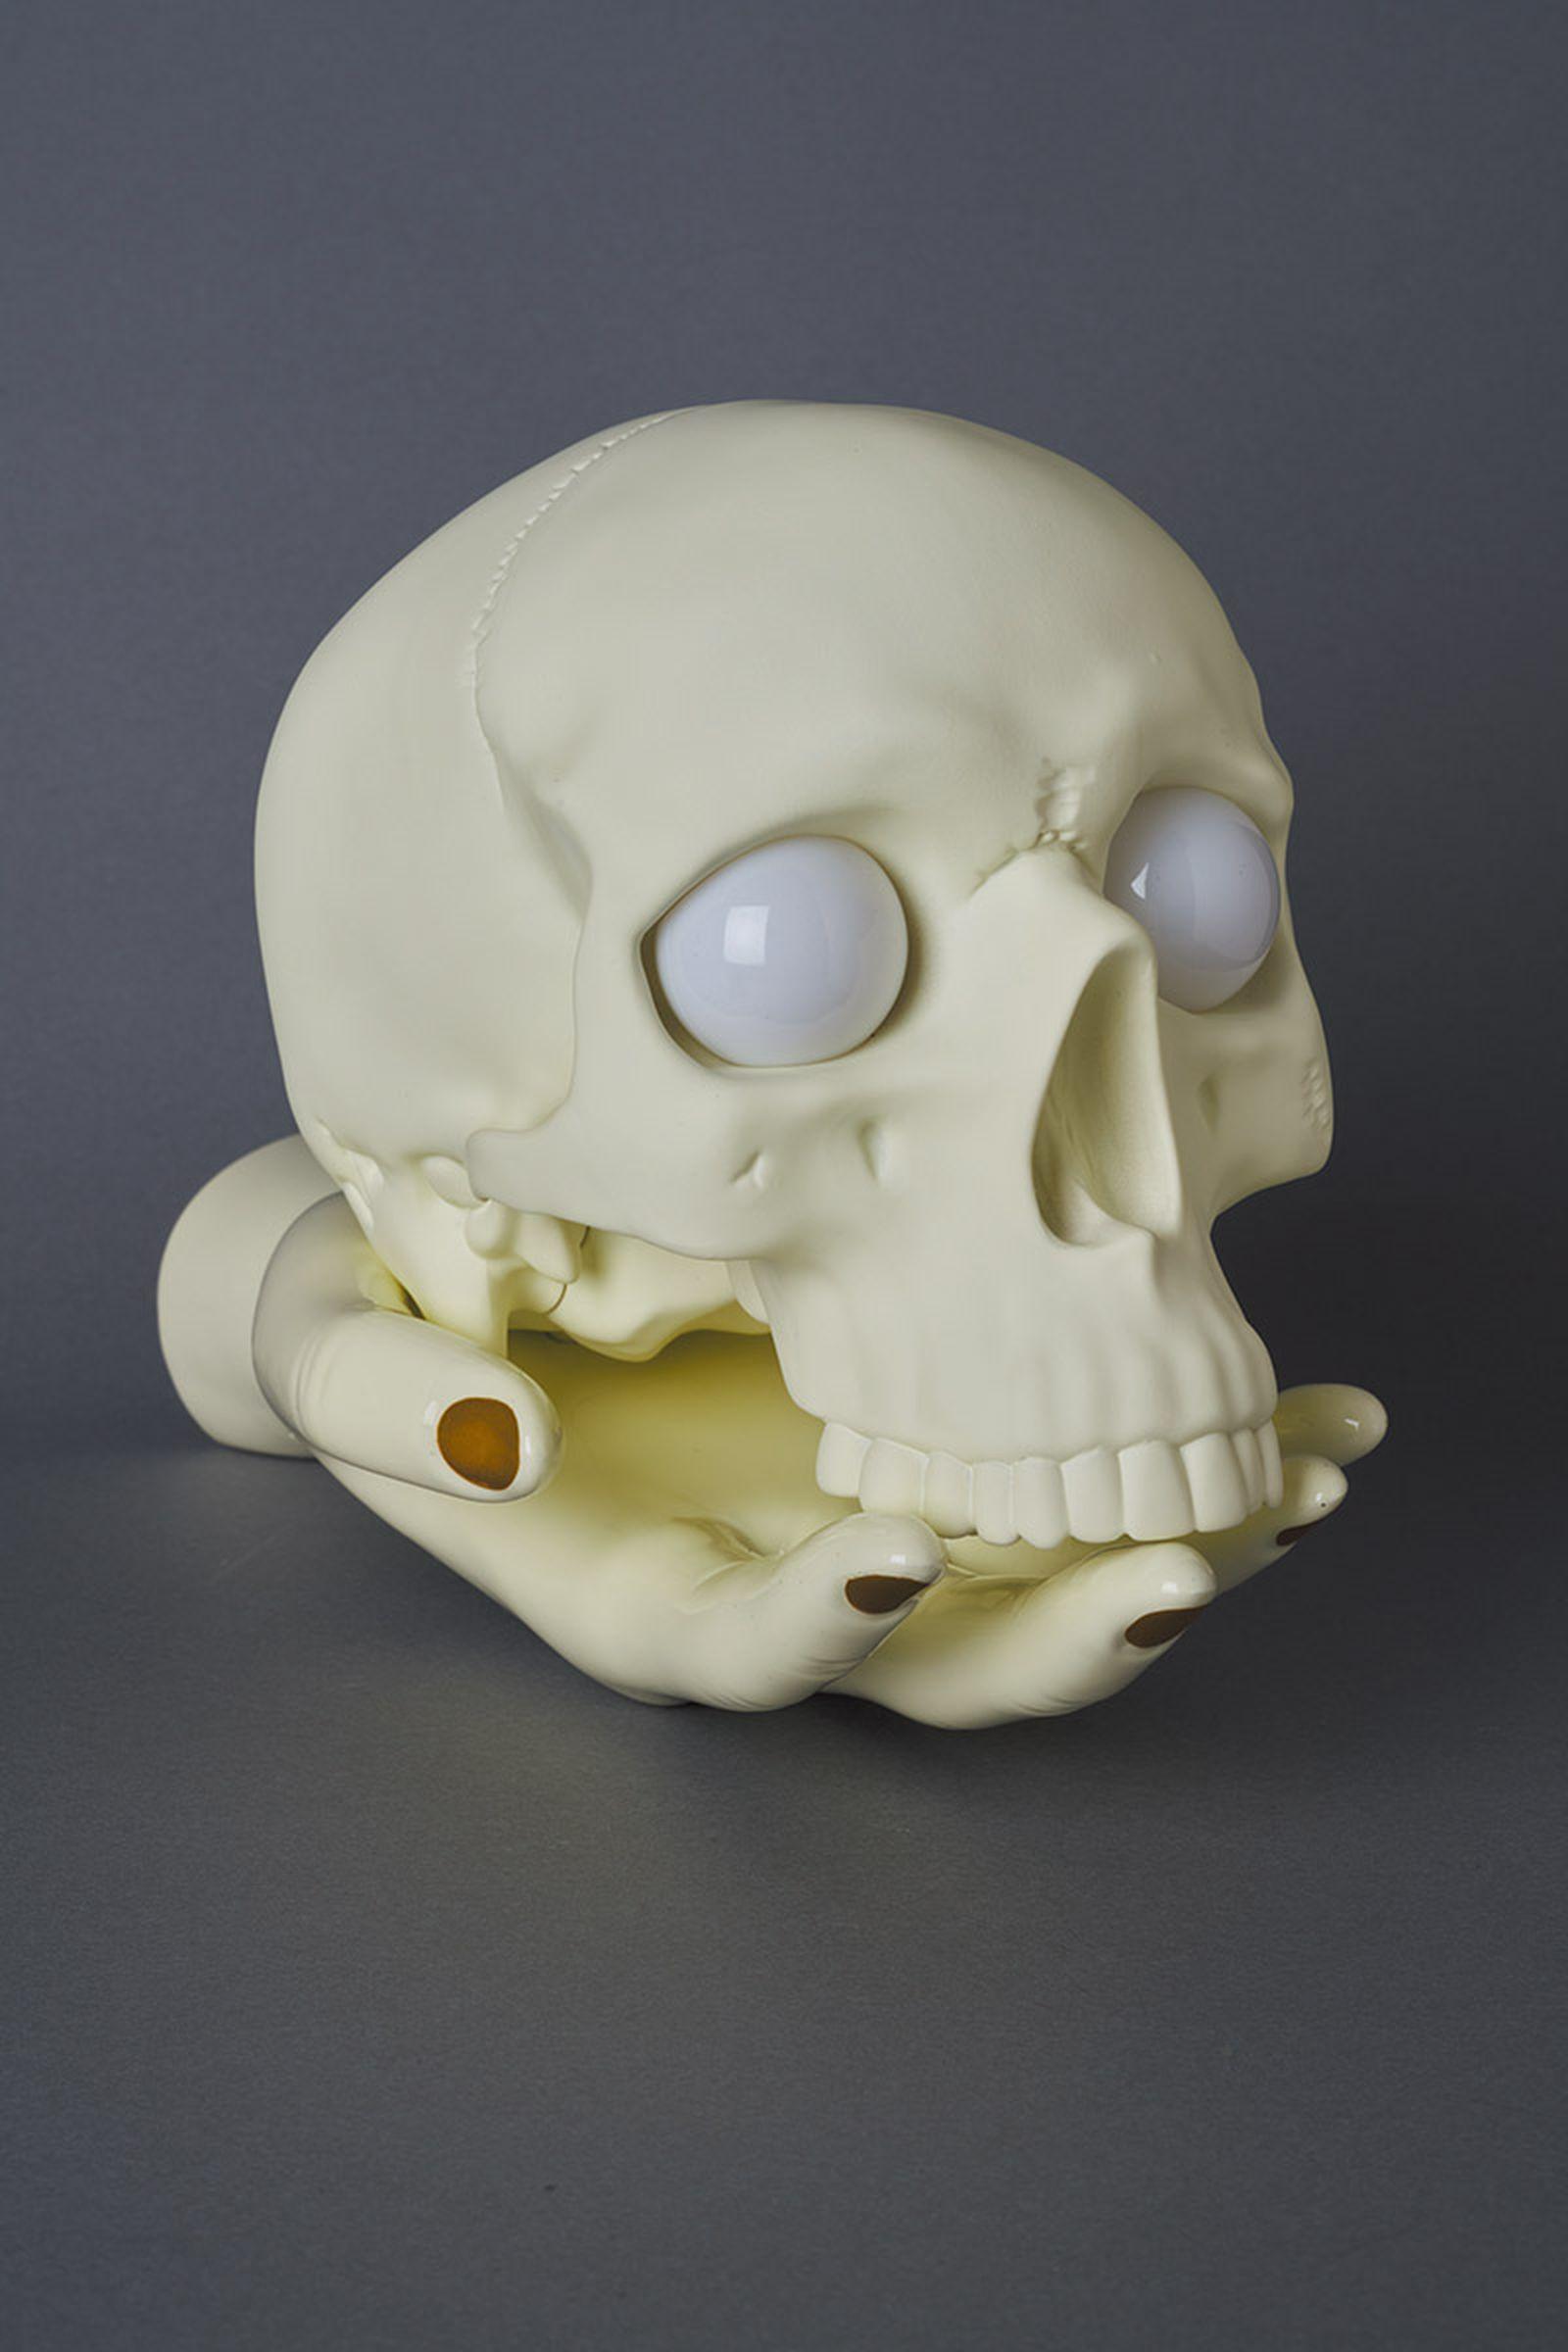 undercover-p-m-usher-spooky-season-skull-lamp-05